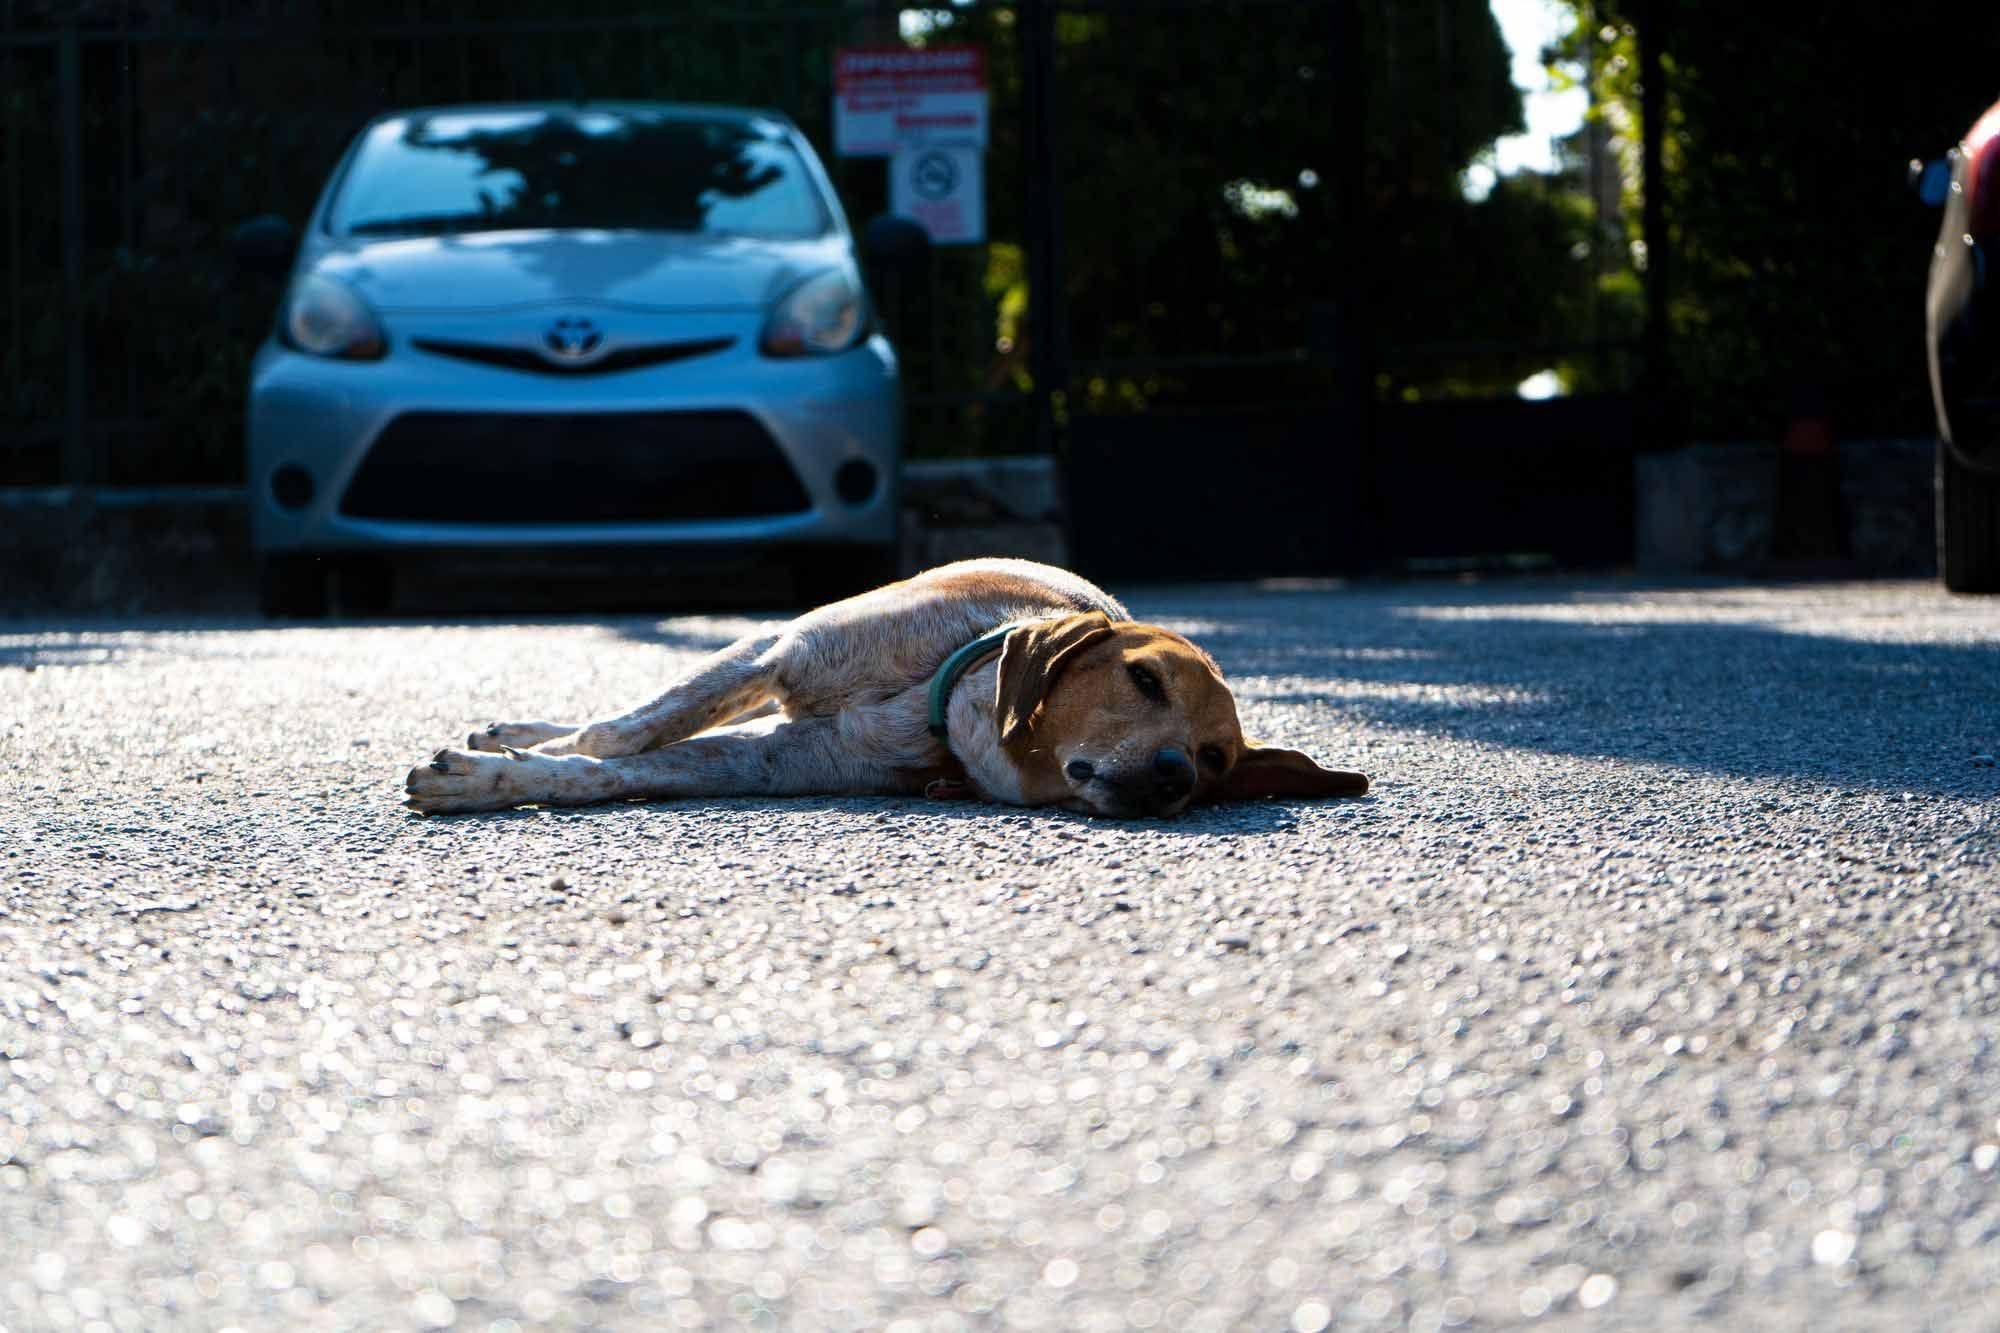 ξαπλωμενο σκυλί στον δρόμο και από πίσω του φαίνεται ένα αυτοκίνητο